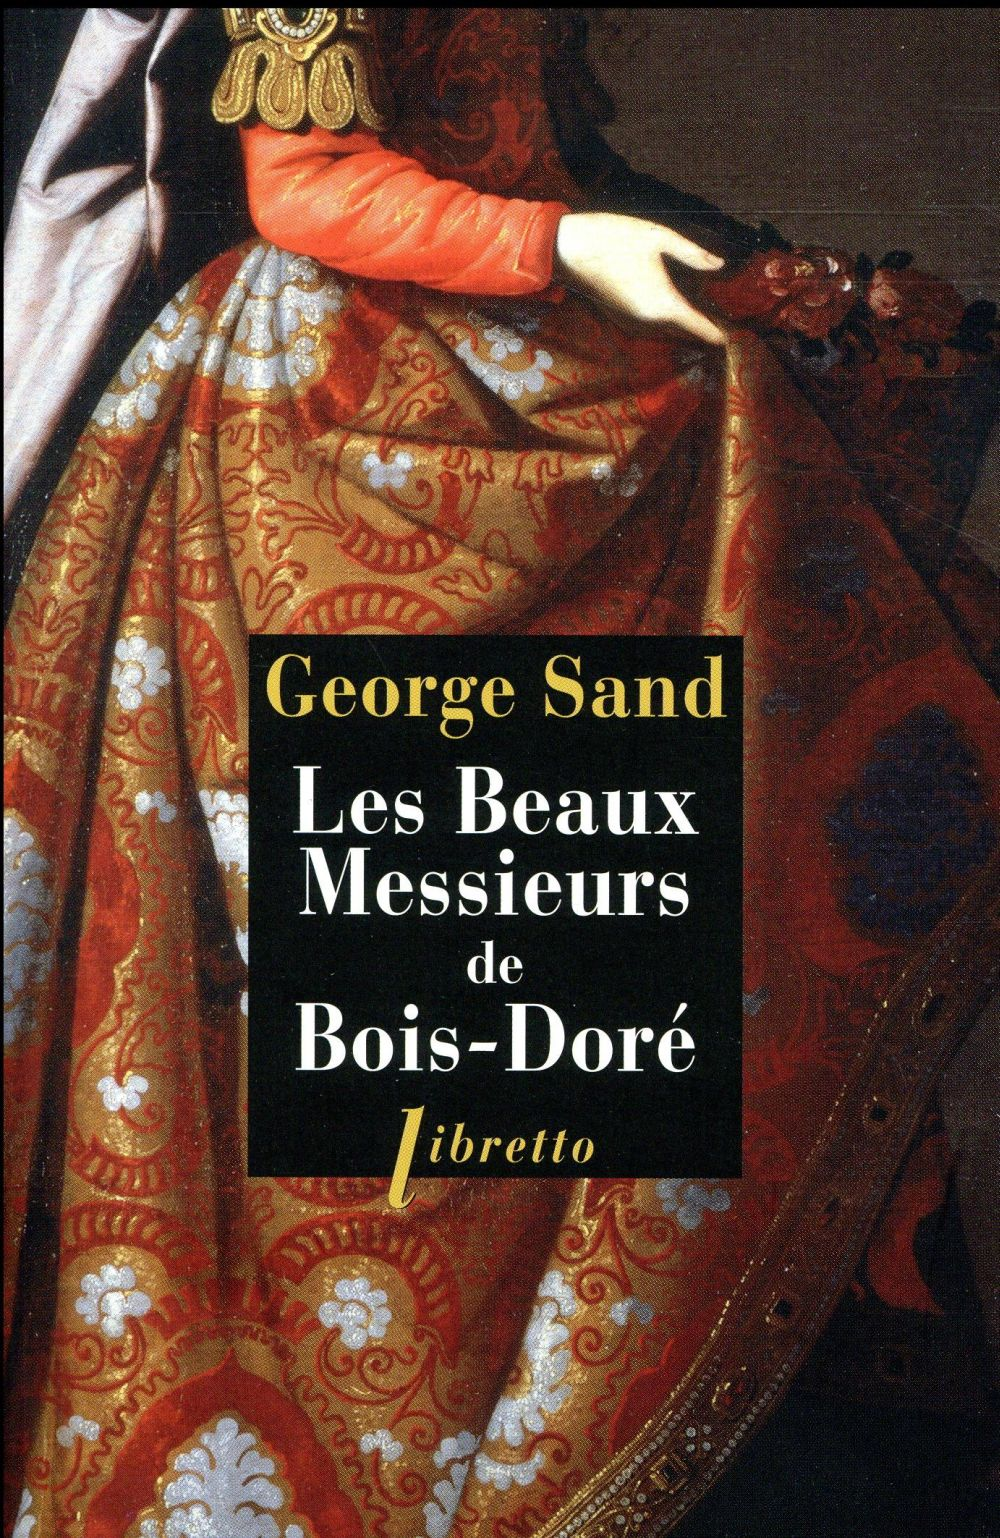 LES BEAUX MESSIEURS DE BOIS-DORE